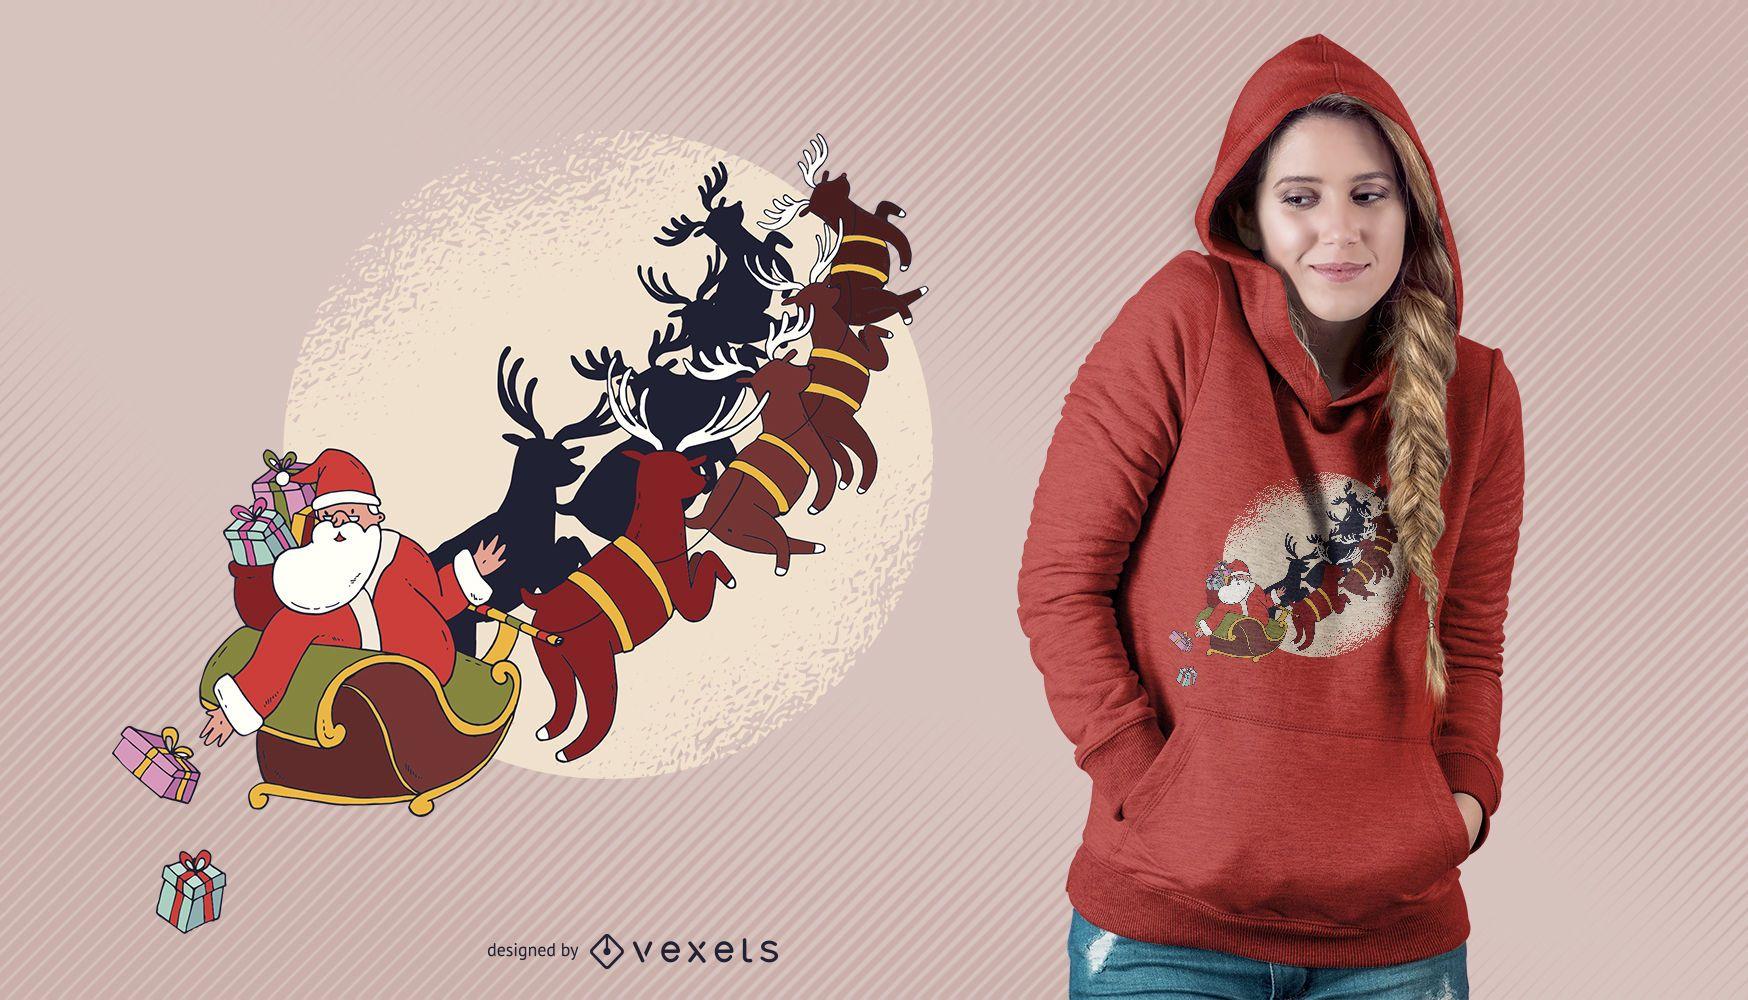 Dise?o de camiseta navide?a de Santa con renos